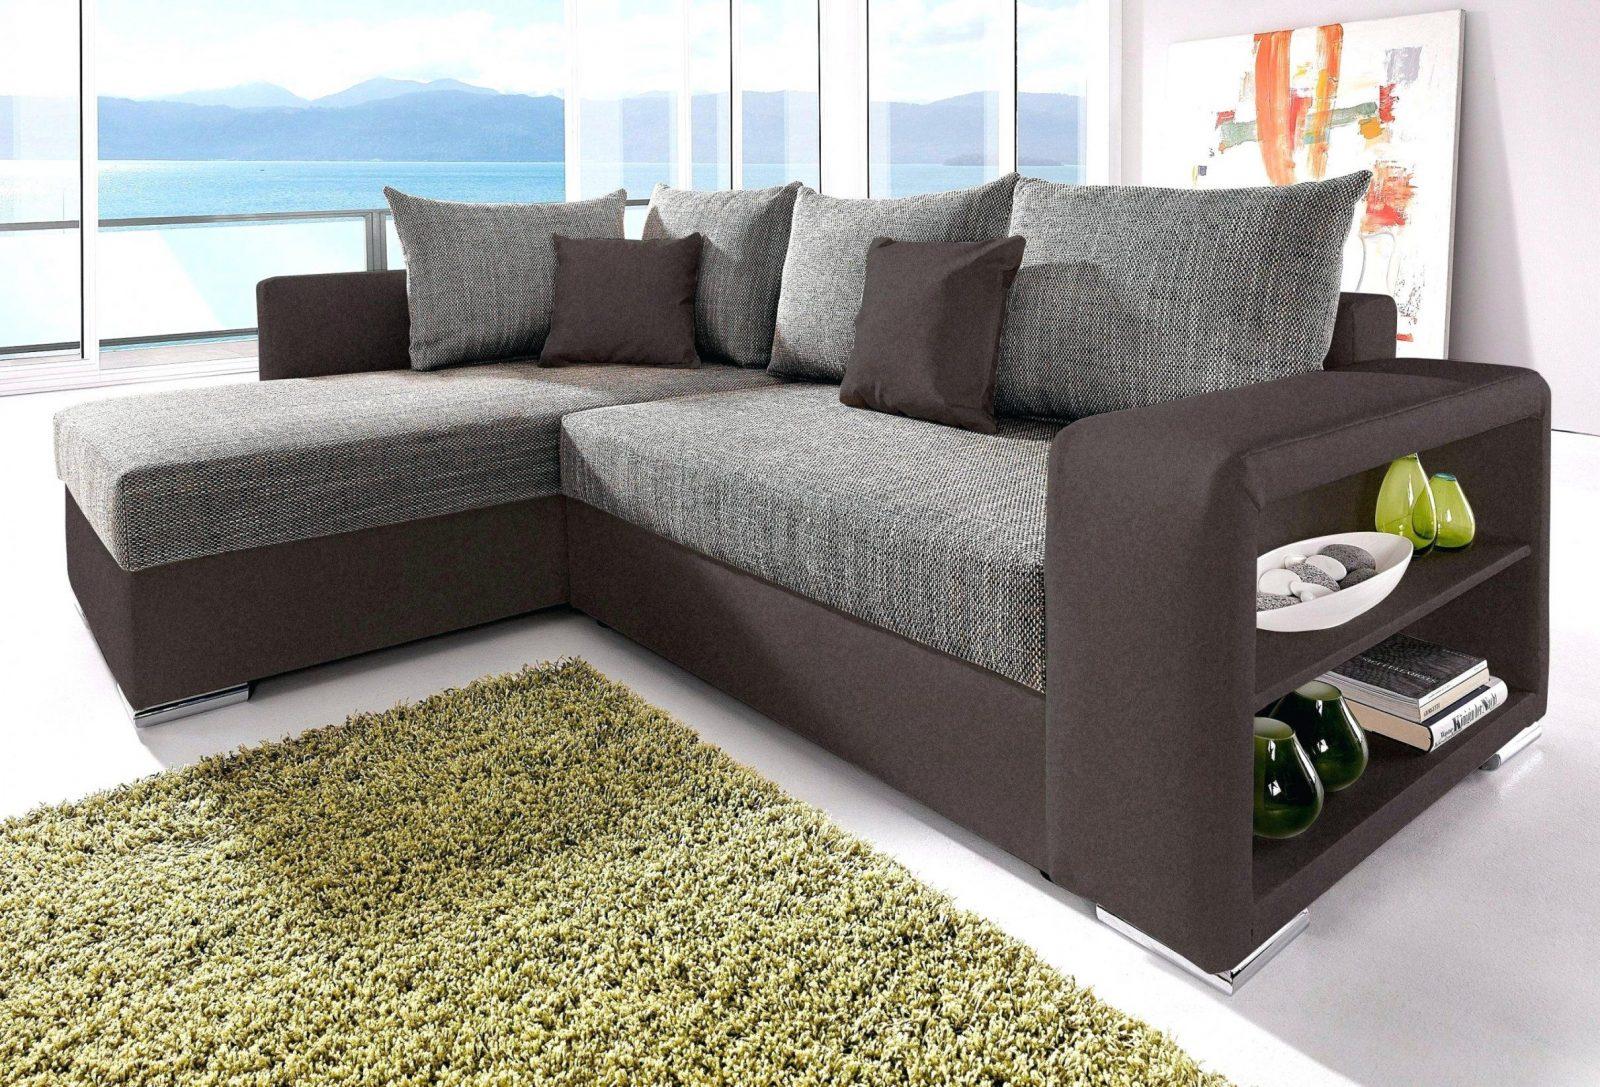 Beste Otto Sofa Bezug Für Otto Sofas Mit Bettfunktion  Sofa Design von Otto Polsterecke Mit Bettfunktion Bild